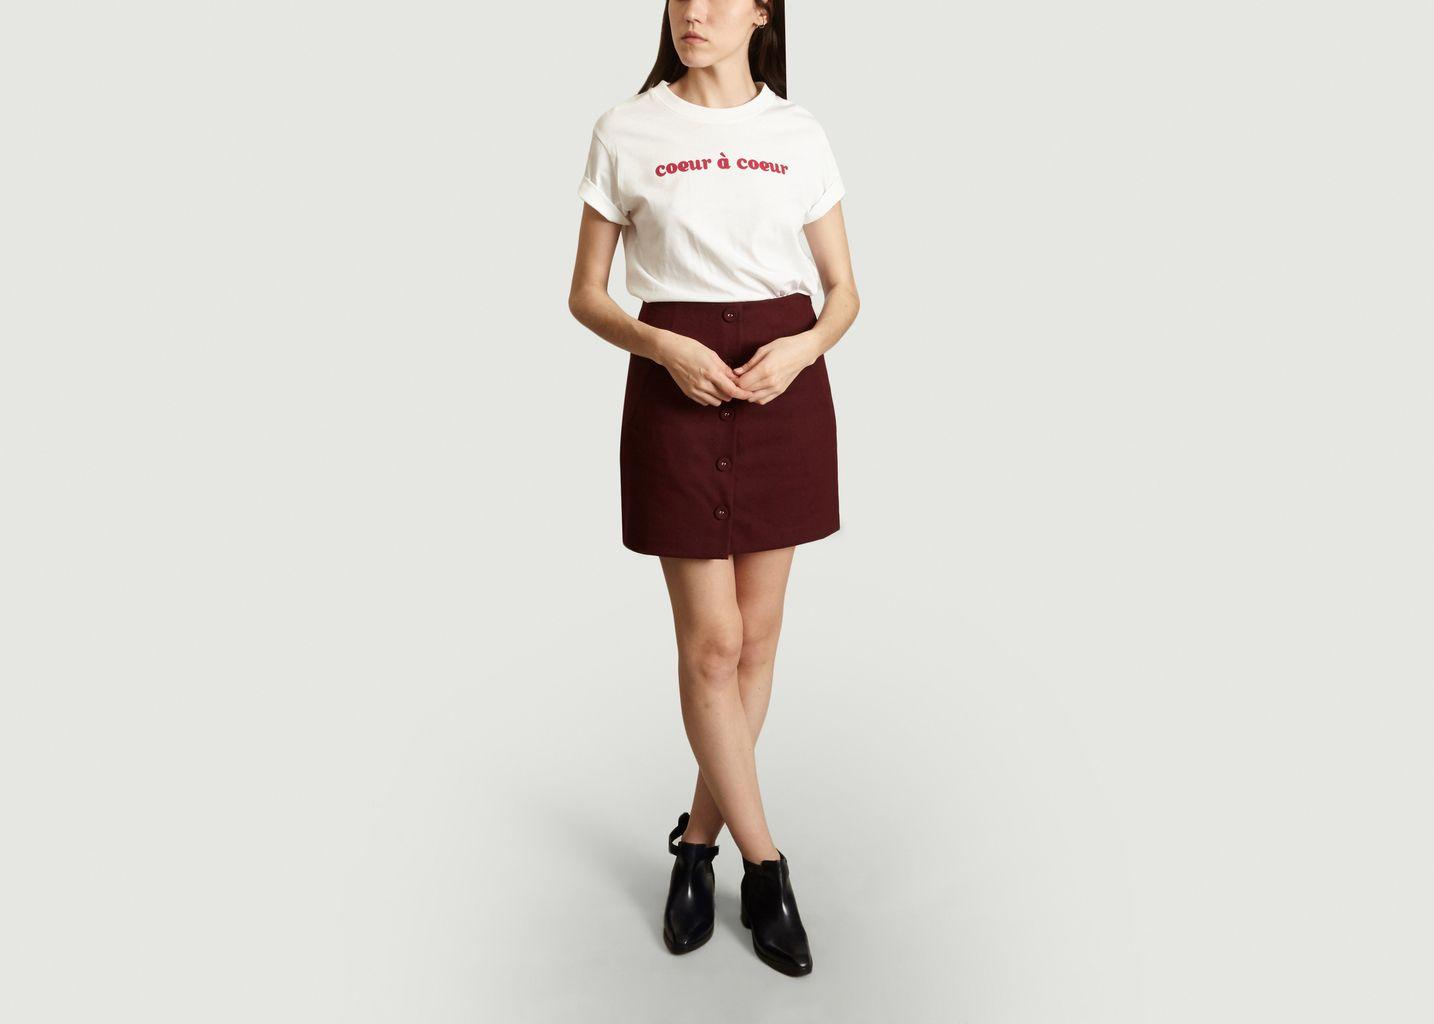 T-shirt MC Coeur - Tara Jarmon